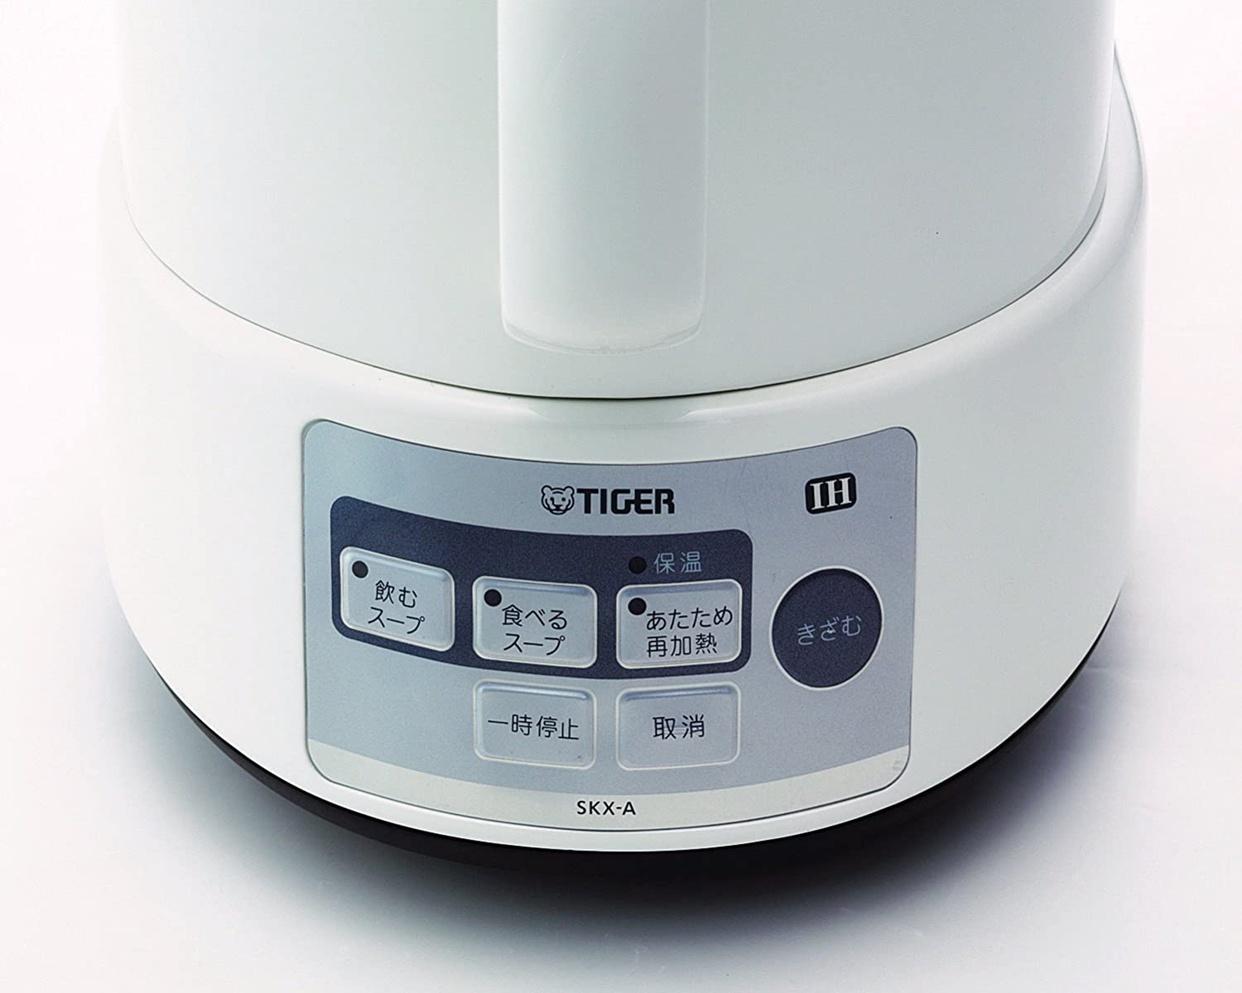 タイガー魔法瓶(TIGER) IHスーププロセッサー SKX-A100の商品画像2